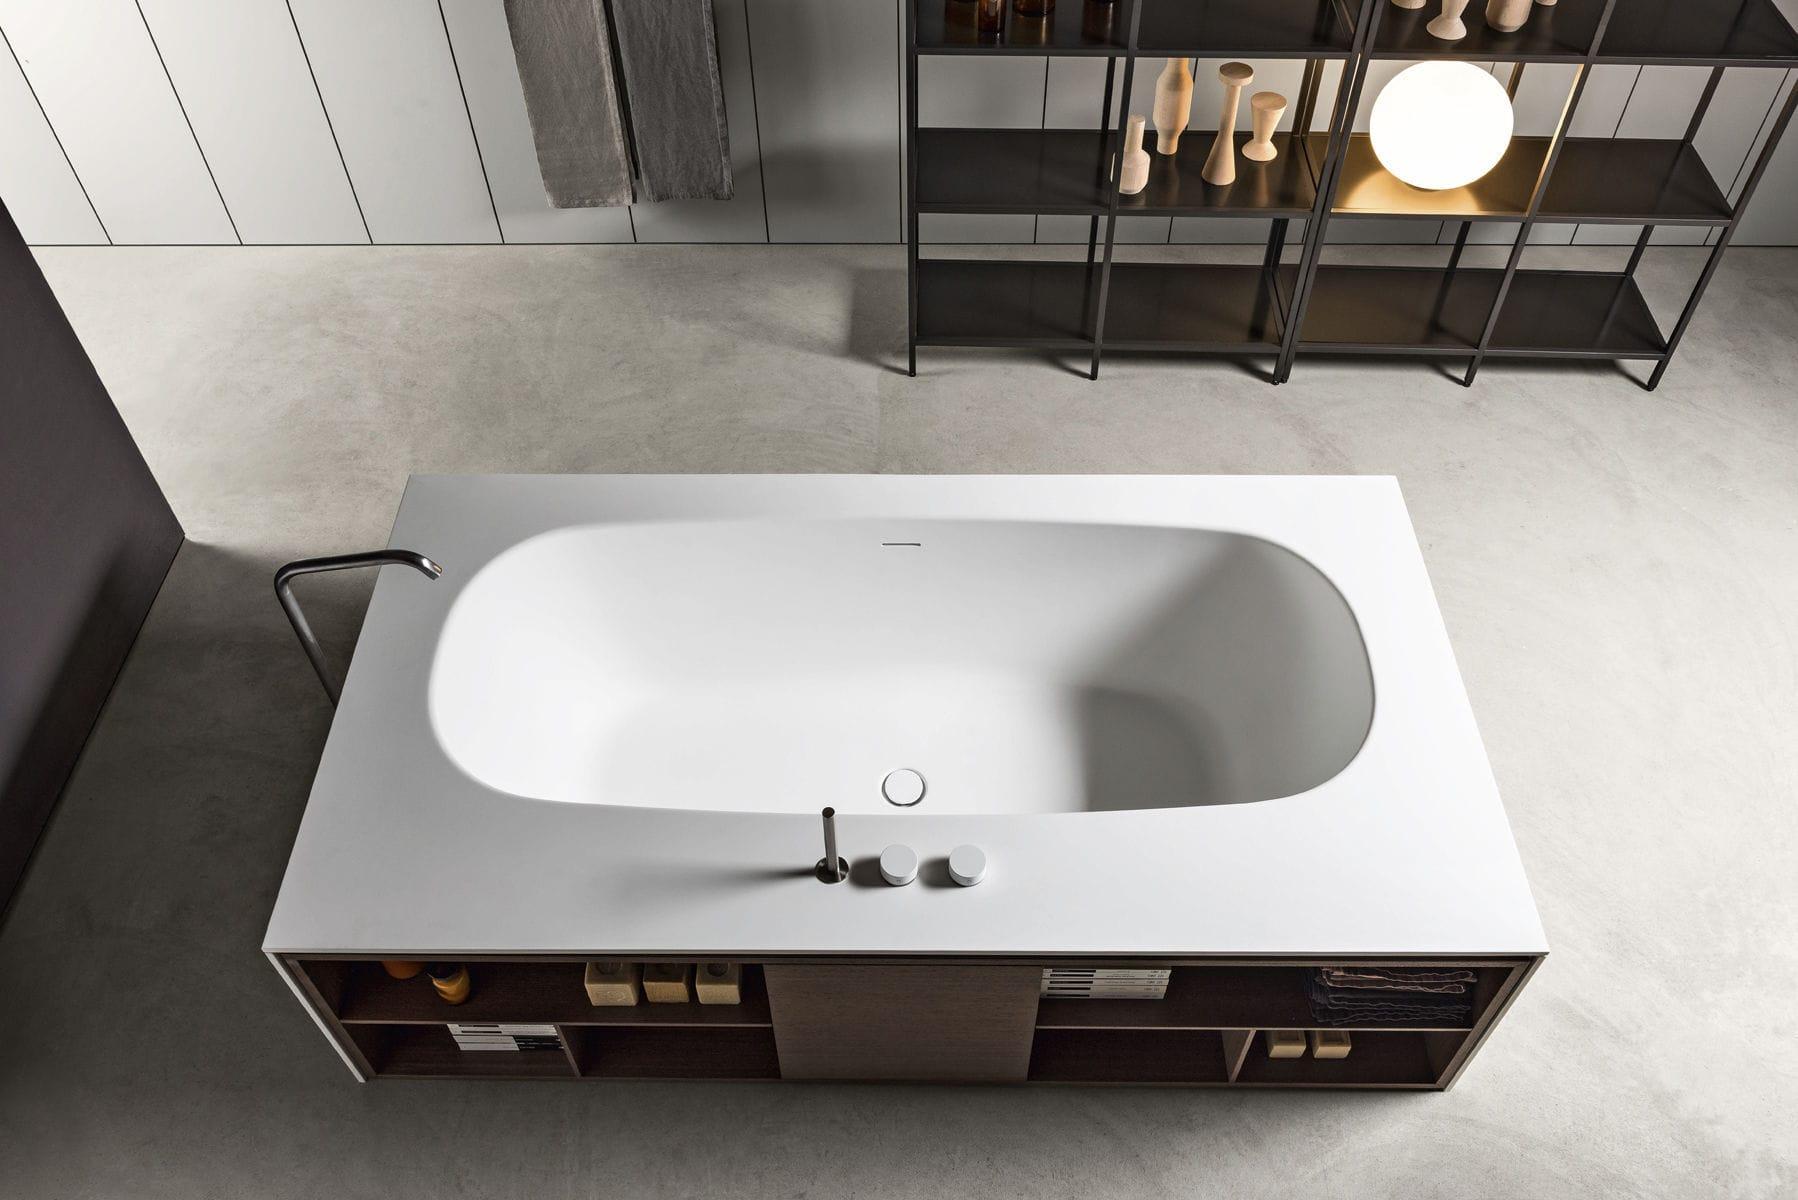 Vasca Da Bagno Makro Prezzi : Vasca da bagno da appoggio in solid surface in legno open